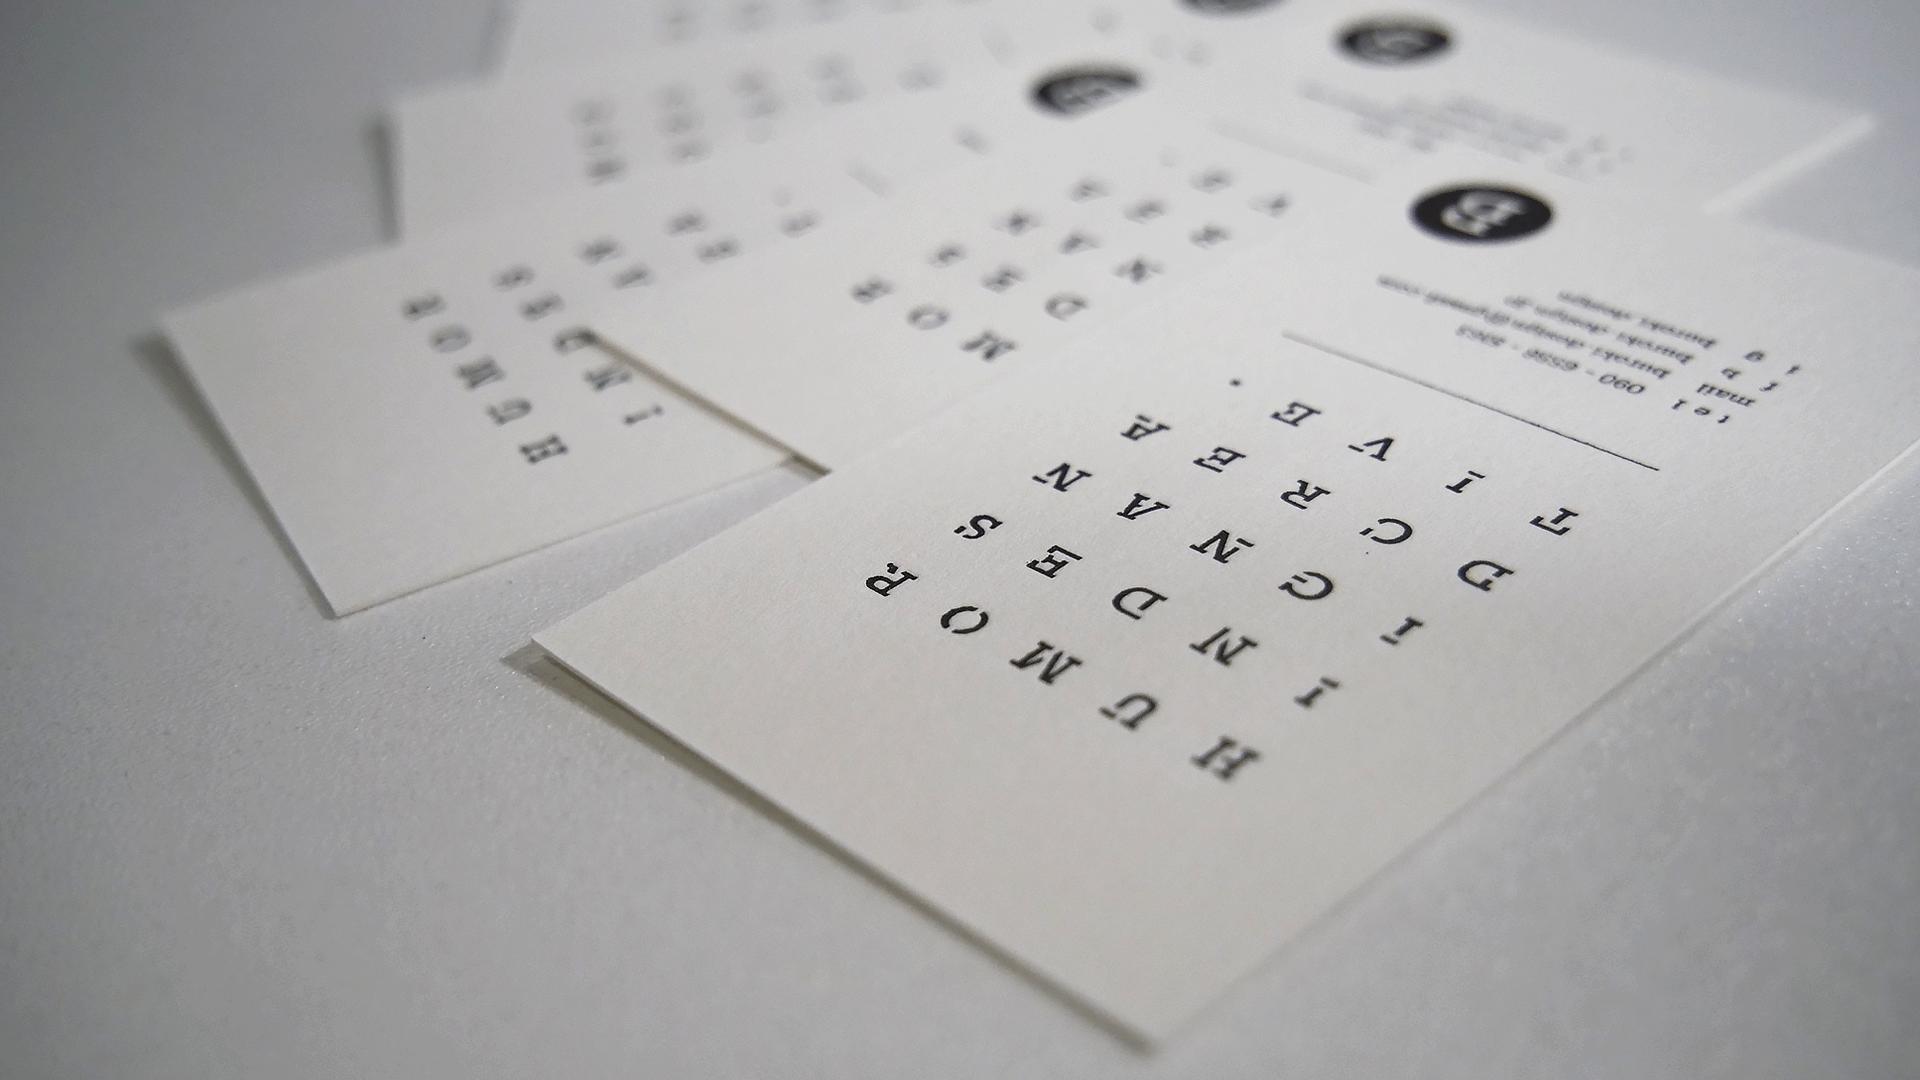 BUROKIの活版印刷名刺の裏面